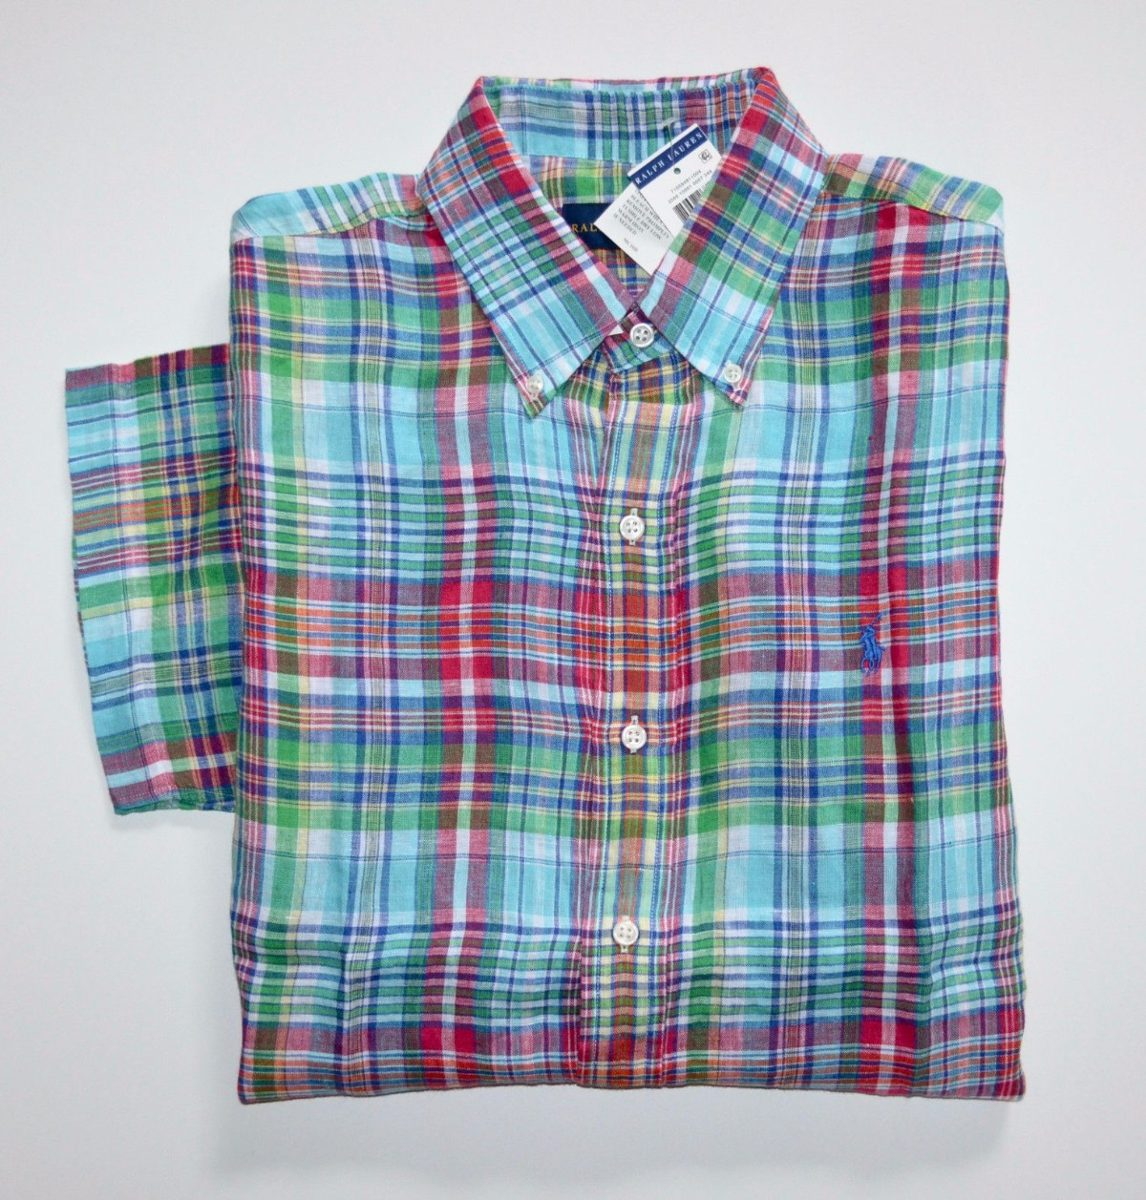 65e698087c400 camisa social polo ralph lauren tamanho p s manga curta nova. Carregando  zoom.